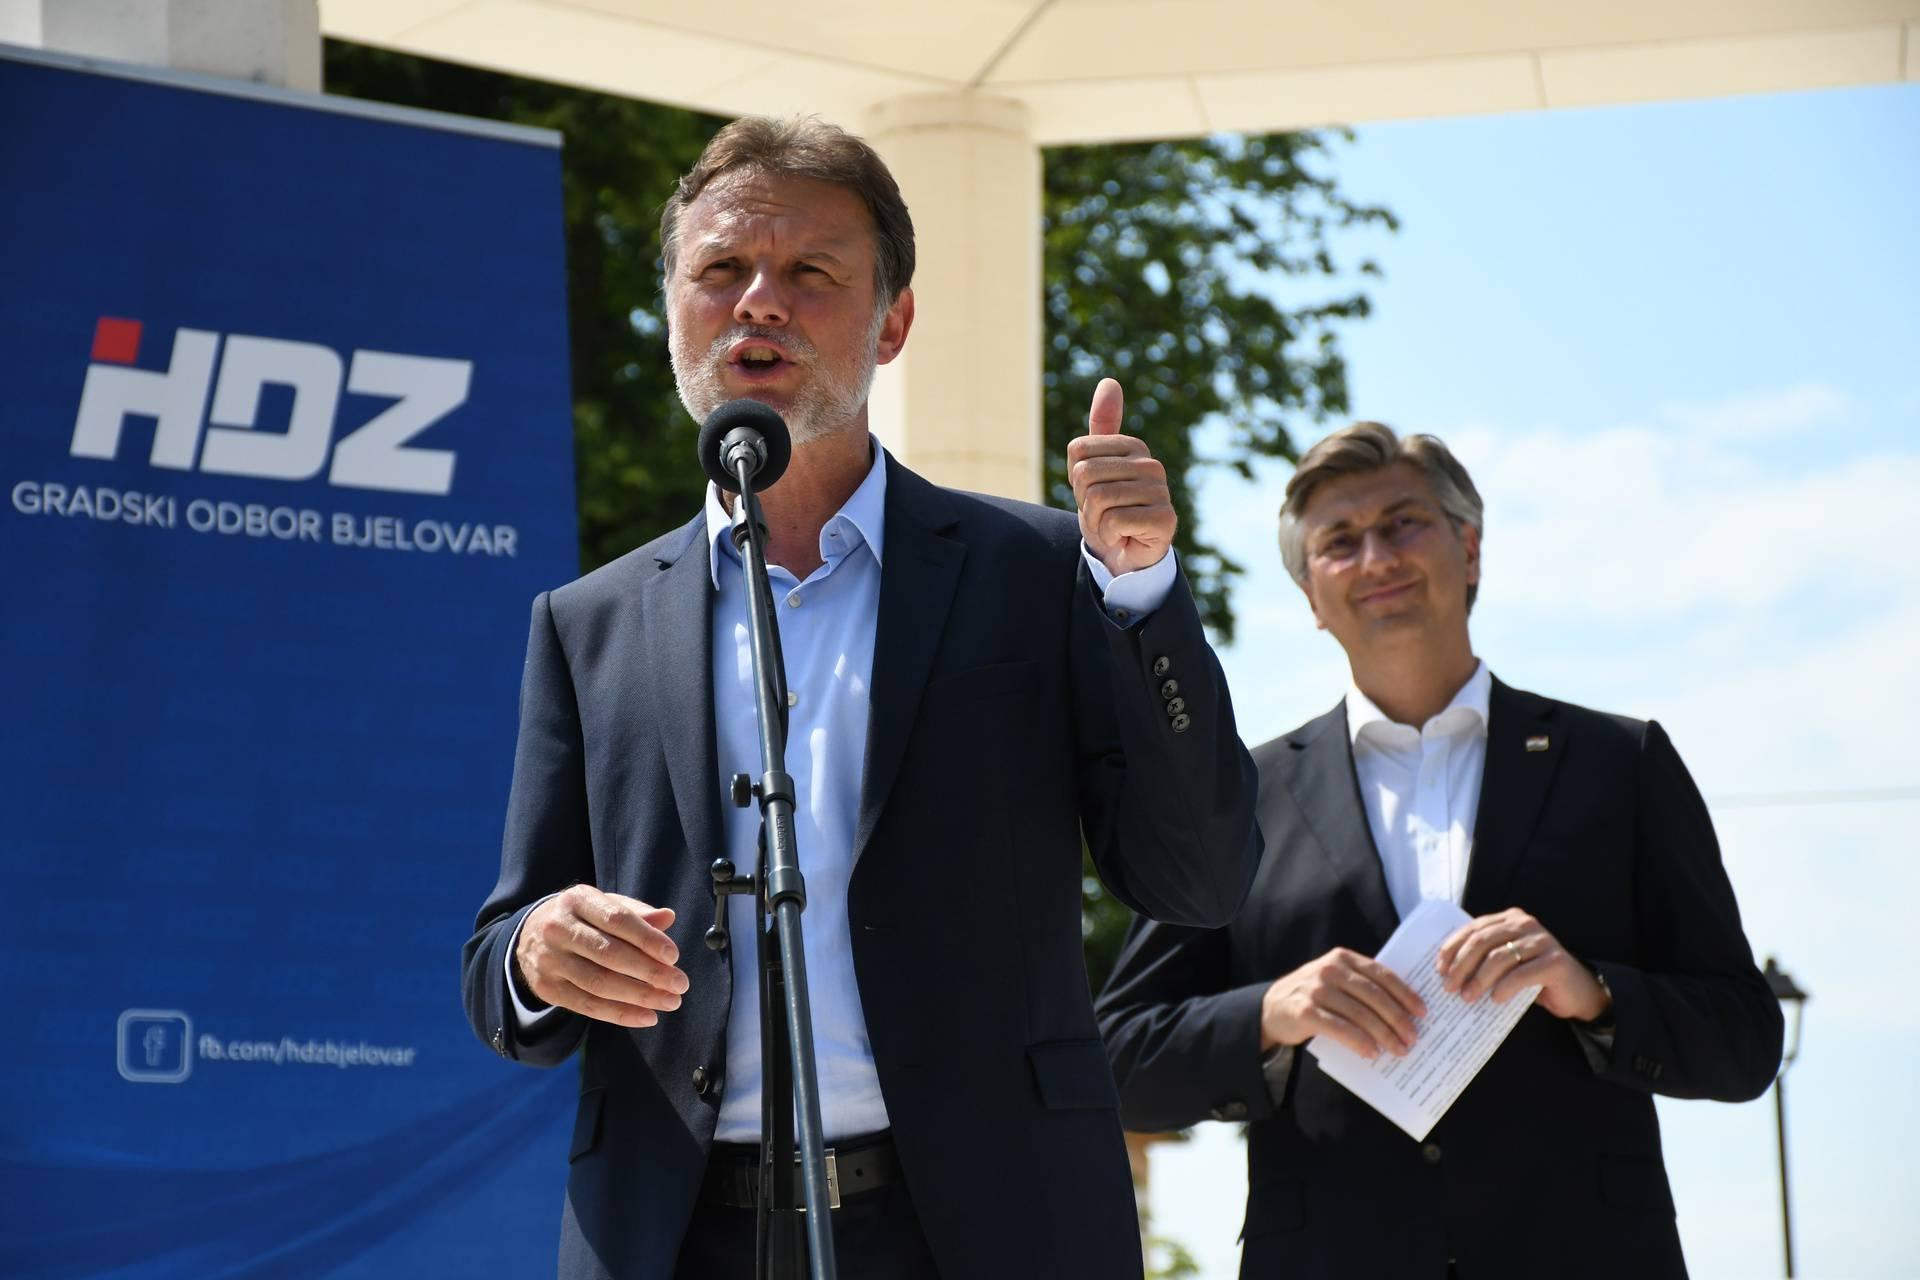 Plenković u Bjelovaru izbjegavao svaki fizički kontakt